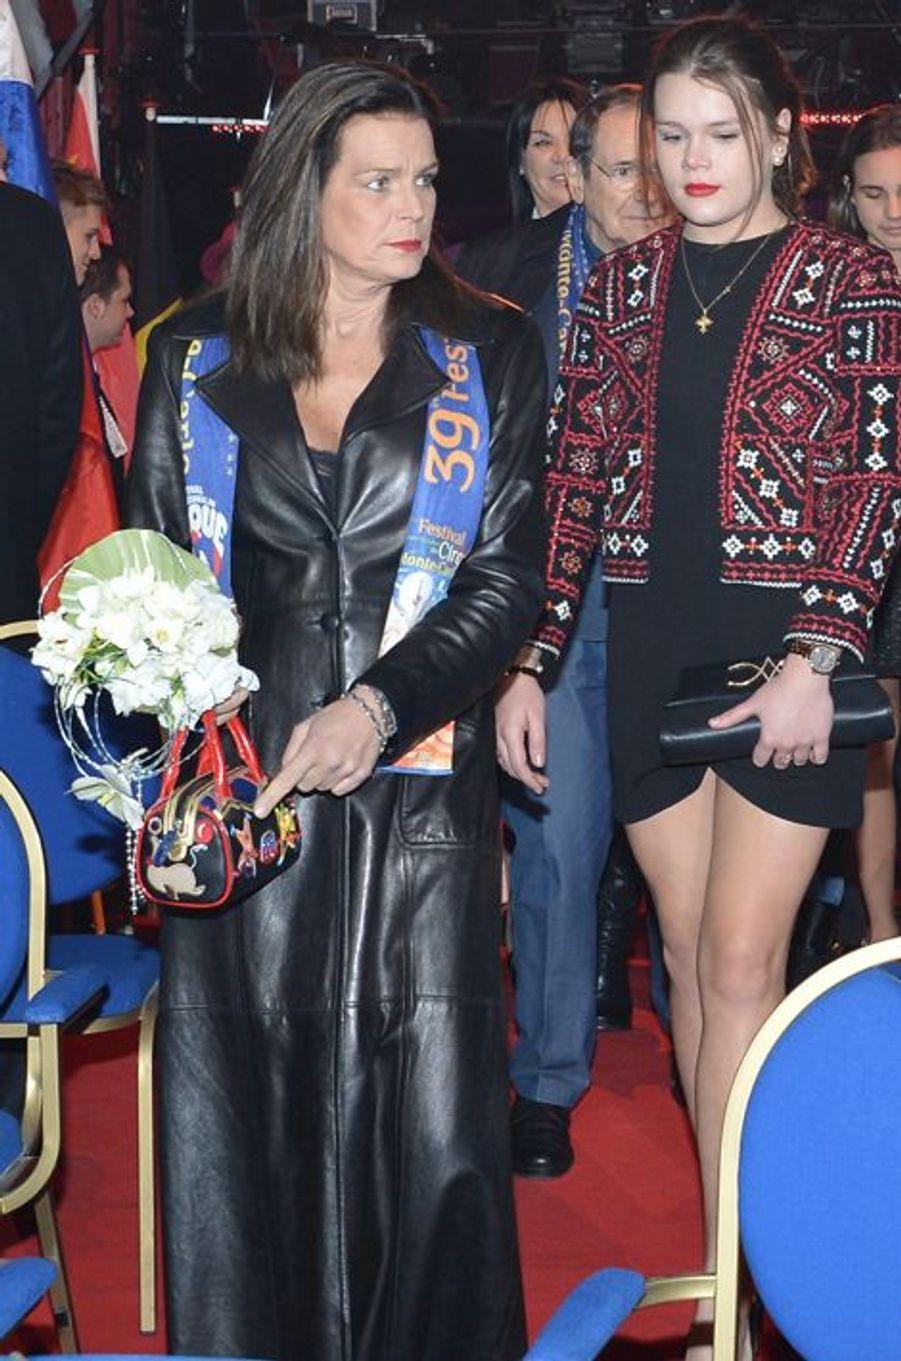 La princesse Stéphanie de Monaco le 16 janvier 2015, avec sa fille Camille Gottlieb